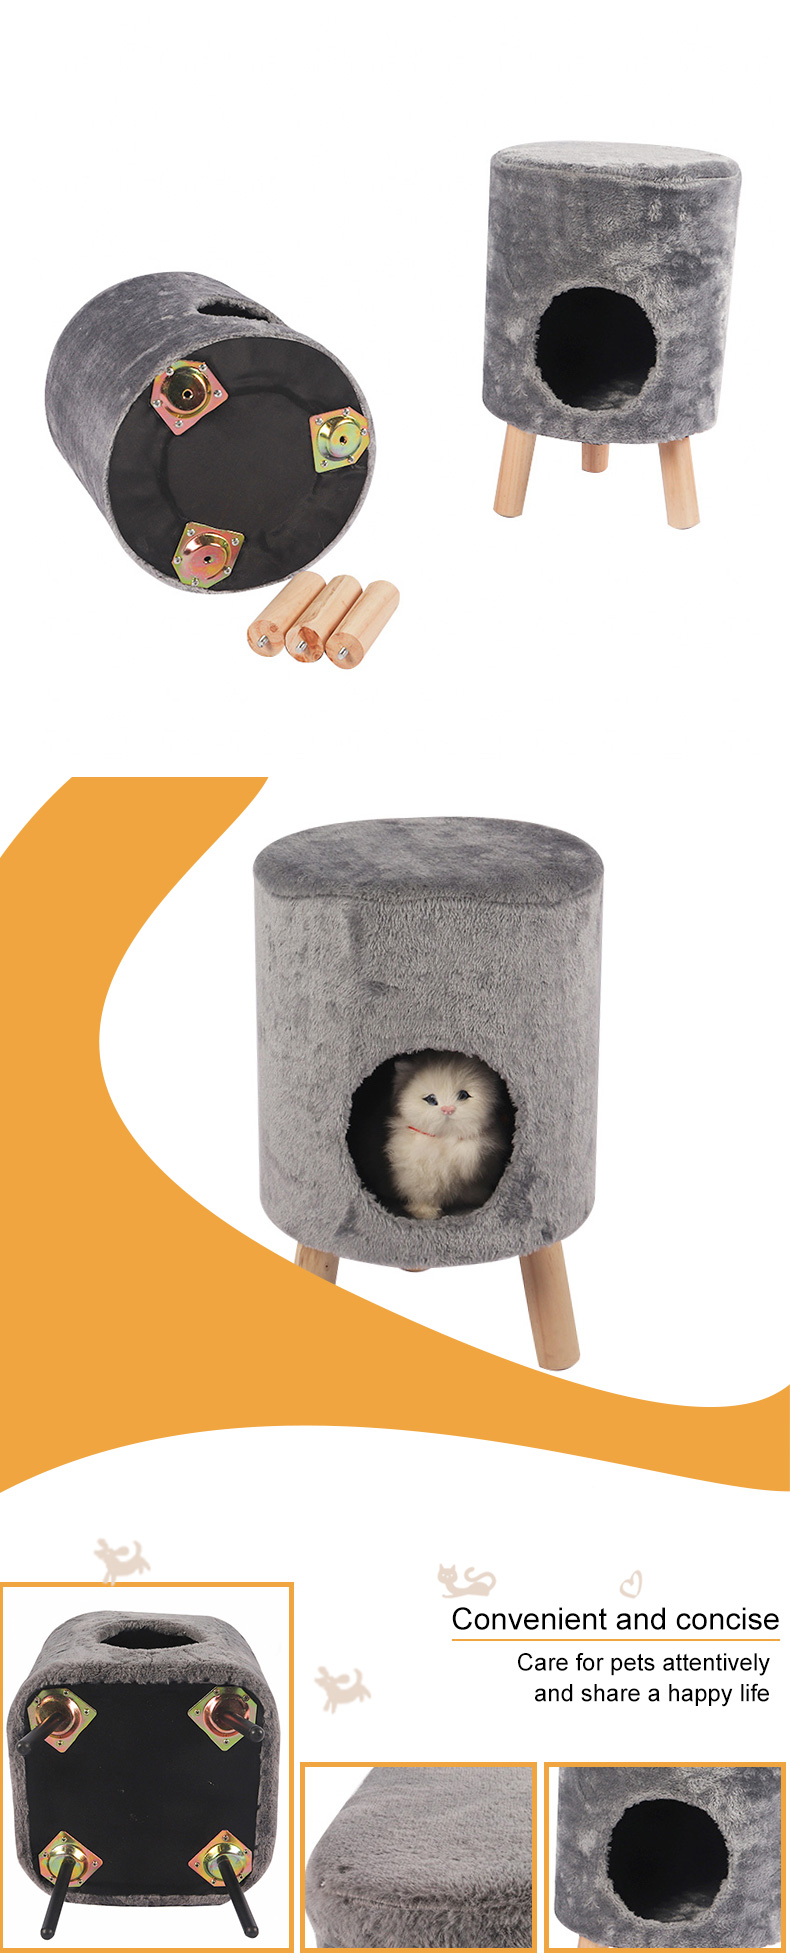 Cat's nest